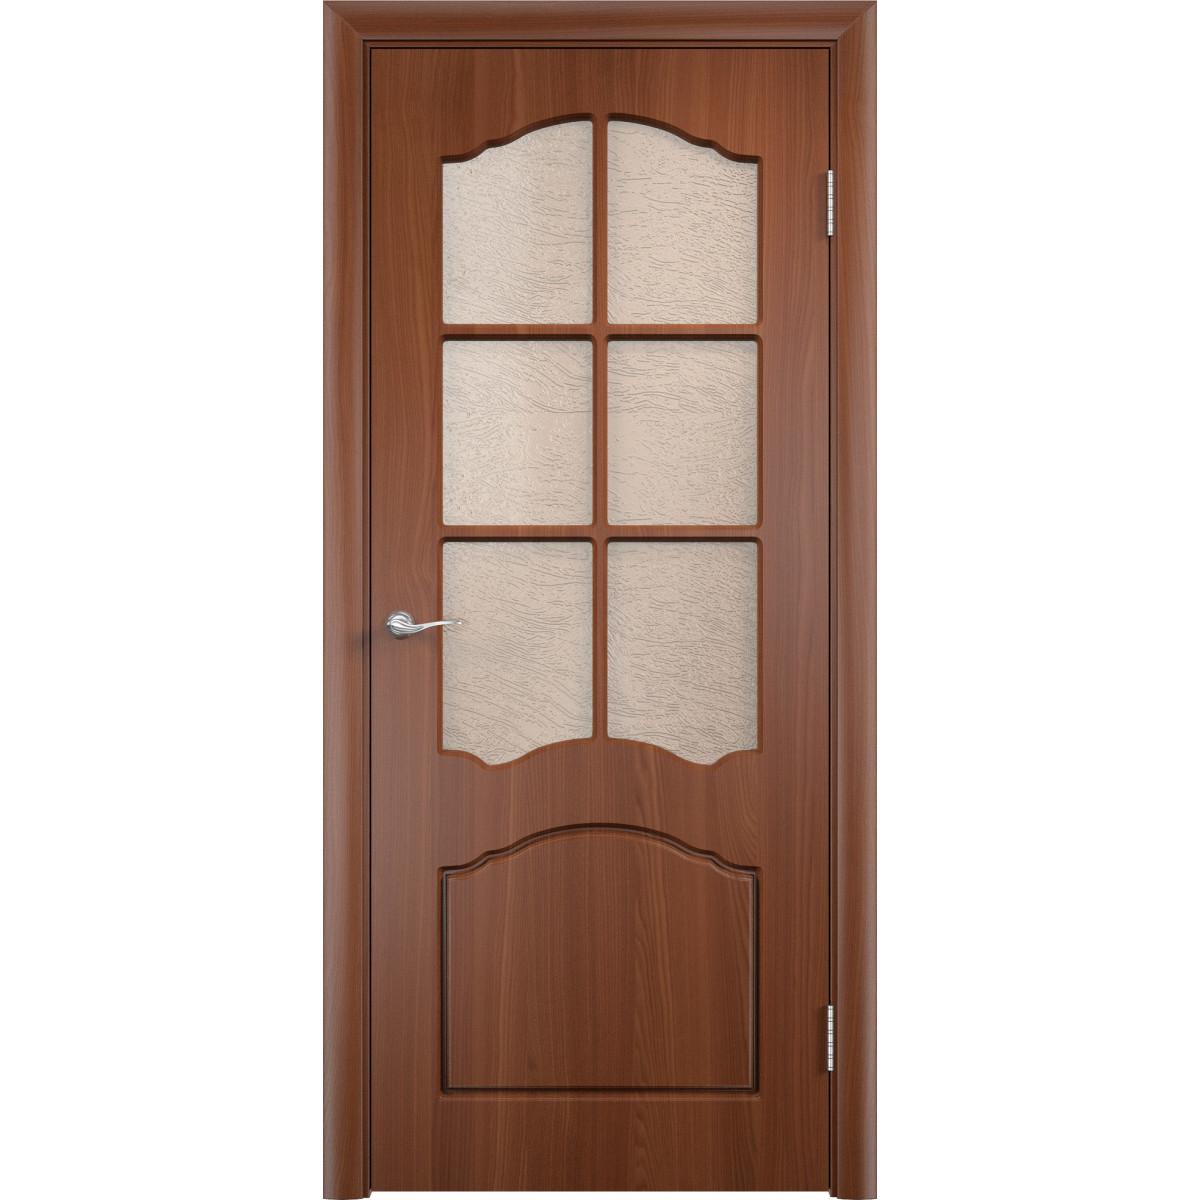 Дверное полотно Verda Лидия МП_0466 2000х700х40 мм МДФ